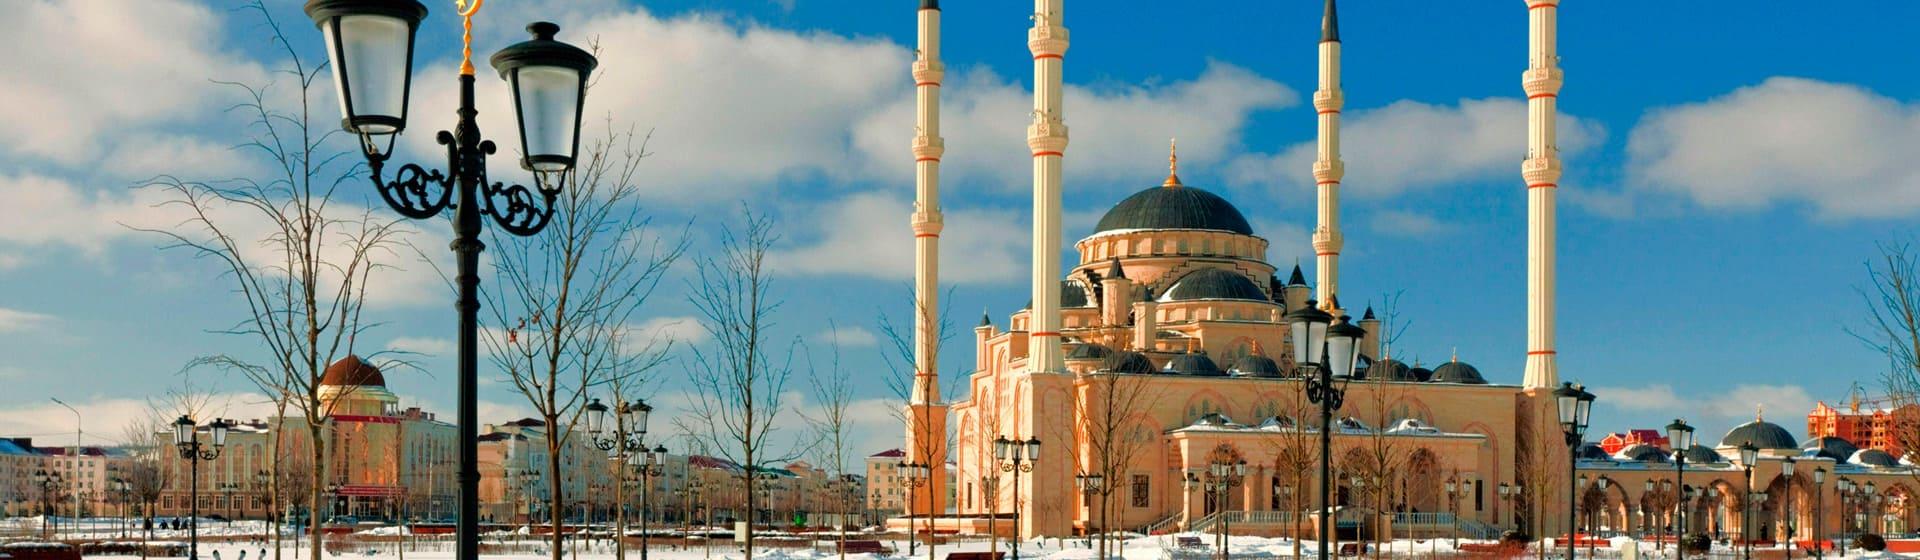 Чечня - Мерч и одежда с атрибутикой